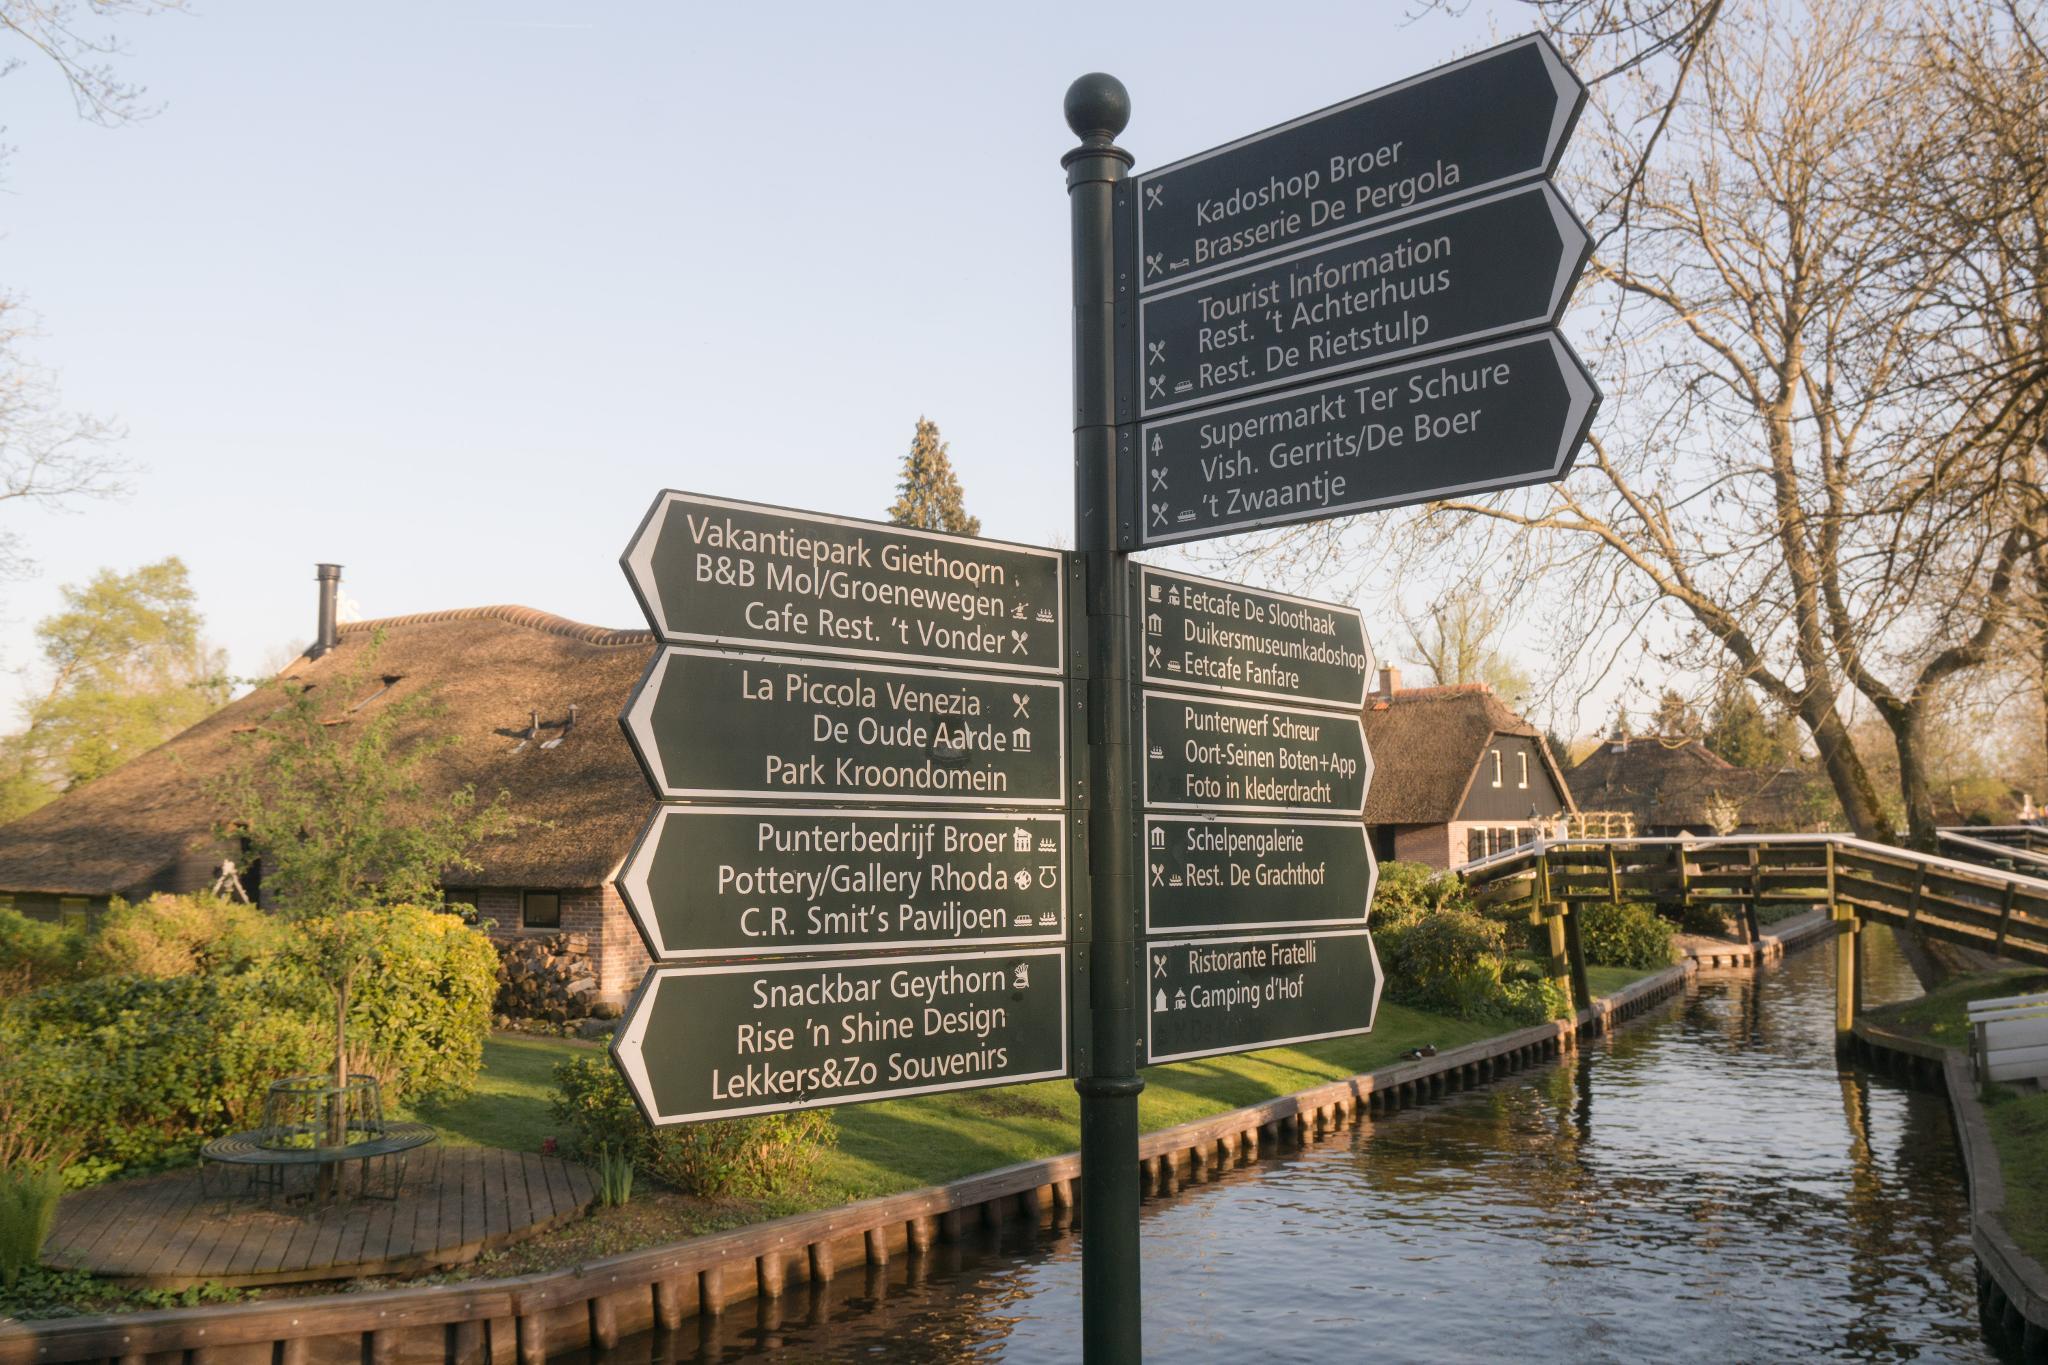 【荷蘭印象】羊角村 Giethoorn — 上帝遺落人間的世外桃源 10